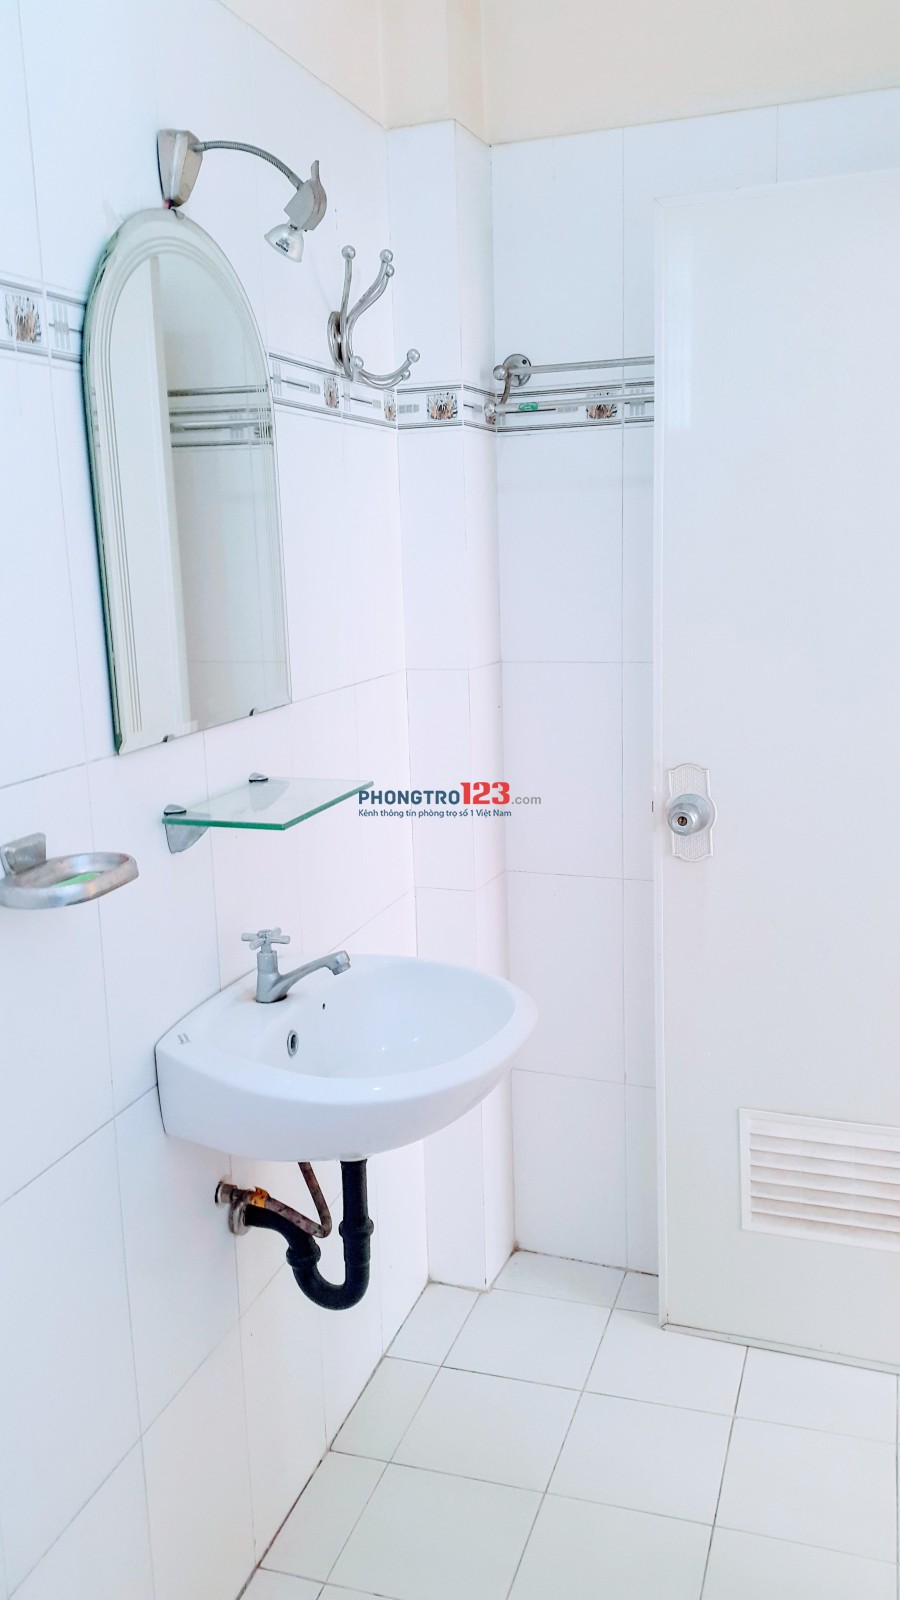 Phòng cho thuê quận 3, máy lạnh, máy nước nóng, toilet riêng